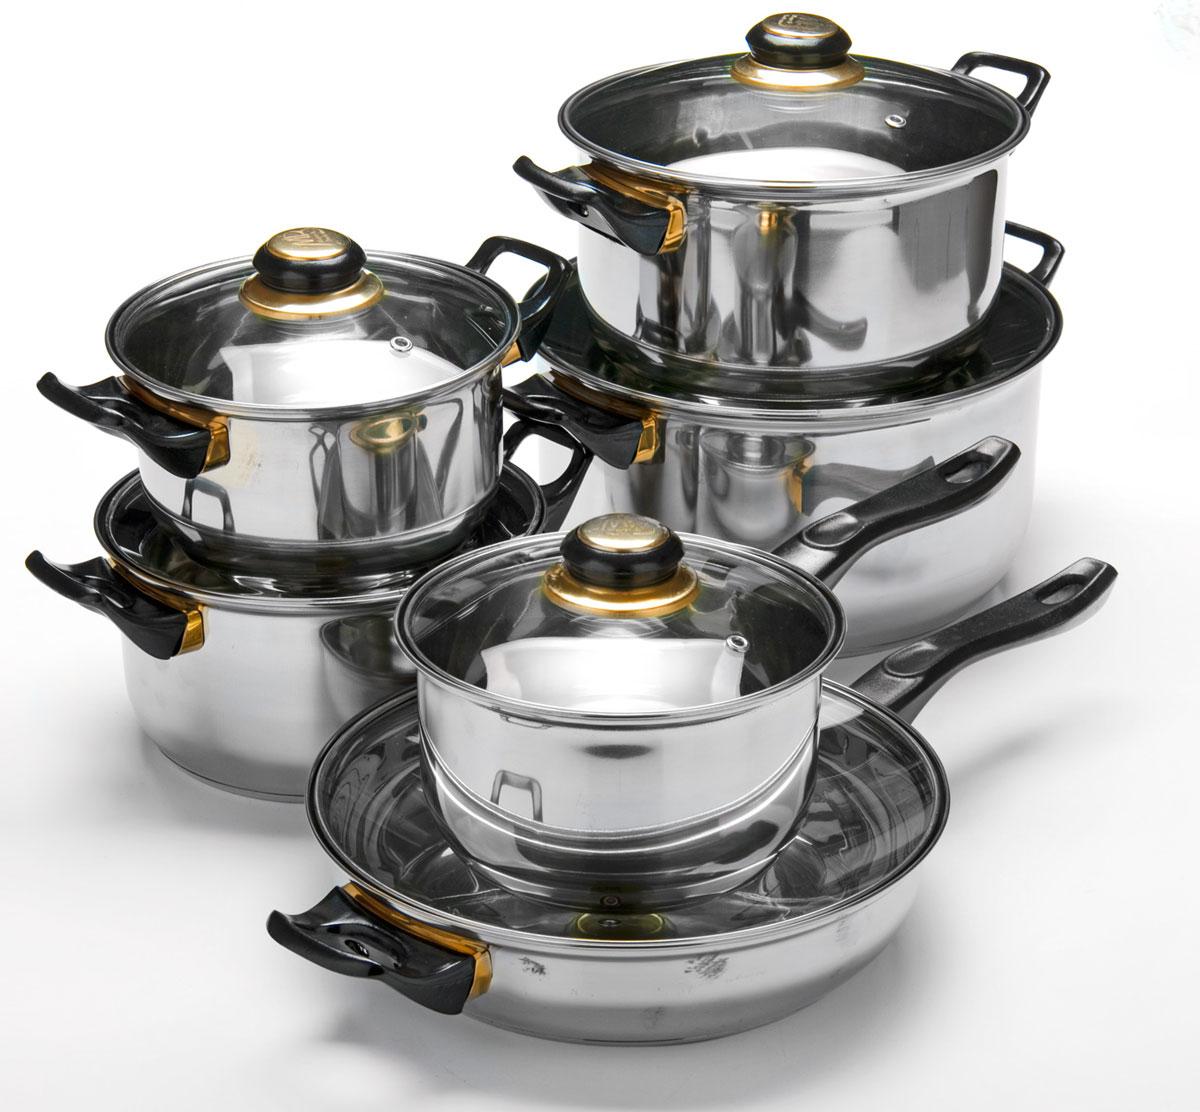 Набор посуды Mayer & Boch, 12 предметов. 25748257481,4+1,4+2+2,9+4,9+2л